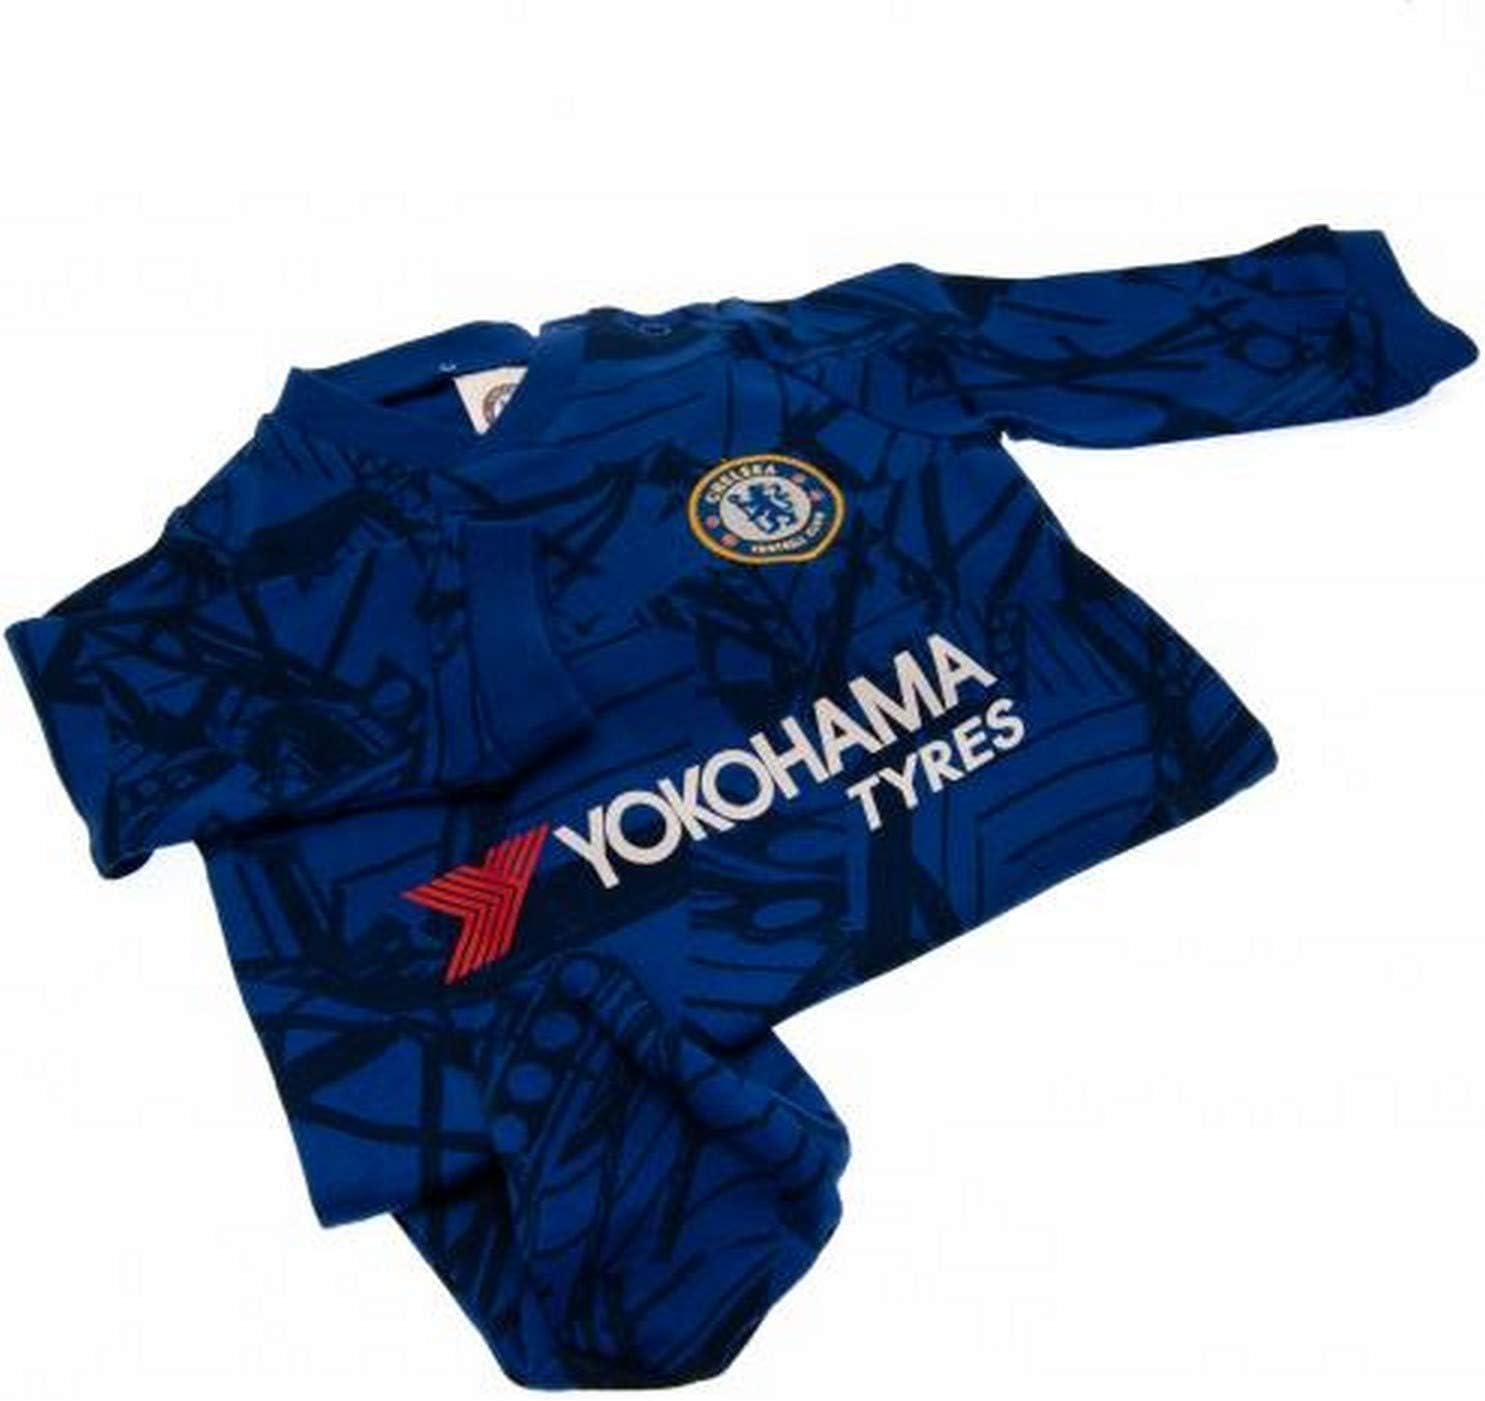 Premier League Baby Boys Chelsea Football Club Sleepsuit